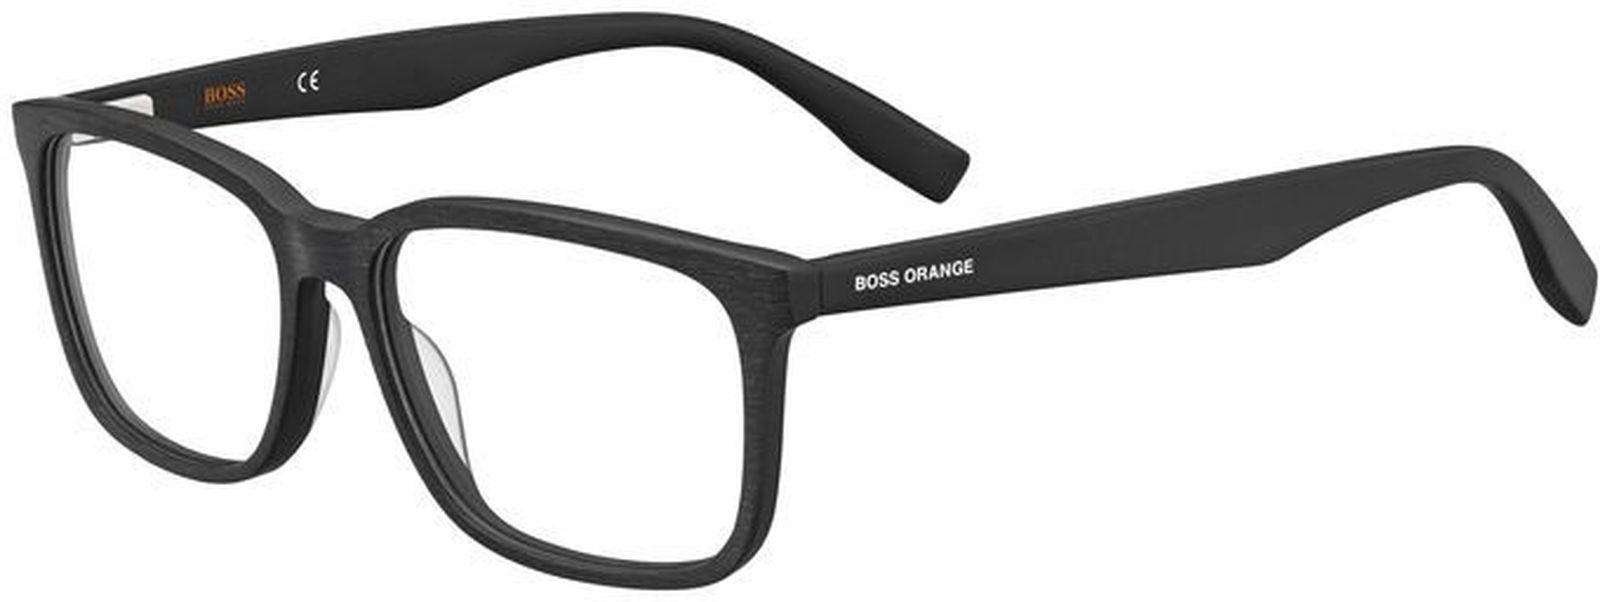 цены на Оправа для очков мужская Boss Orange 267, HUO-1575420035416, черный  в интернет-магазинах